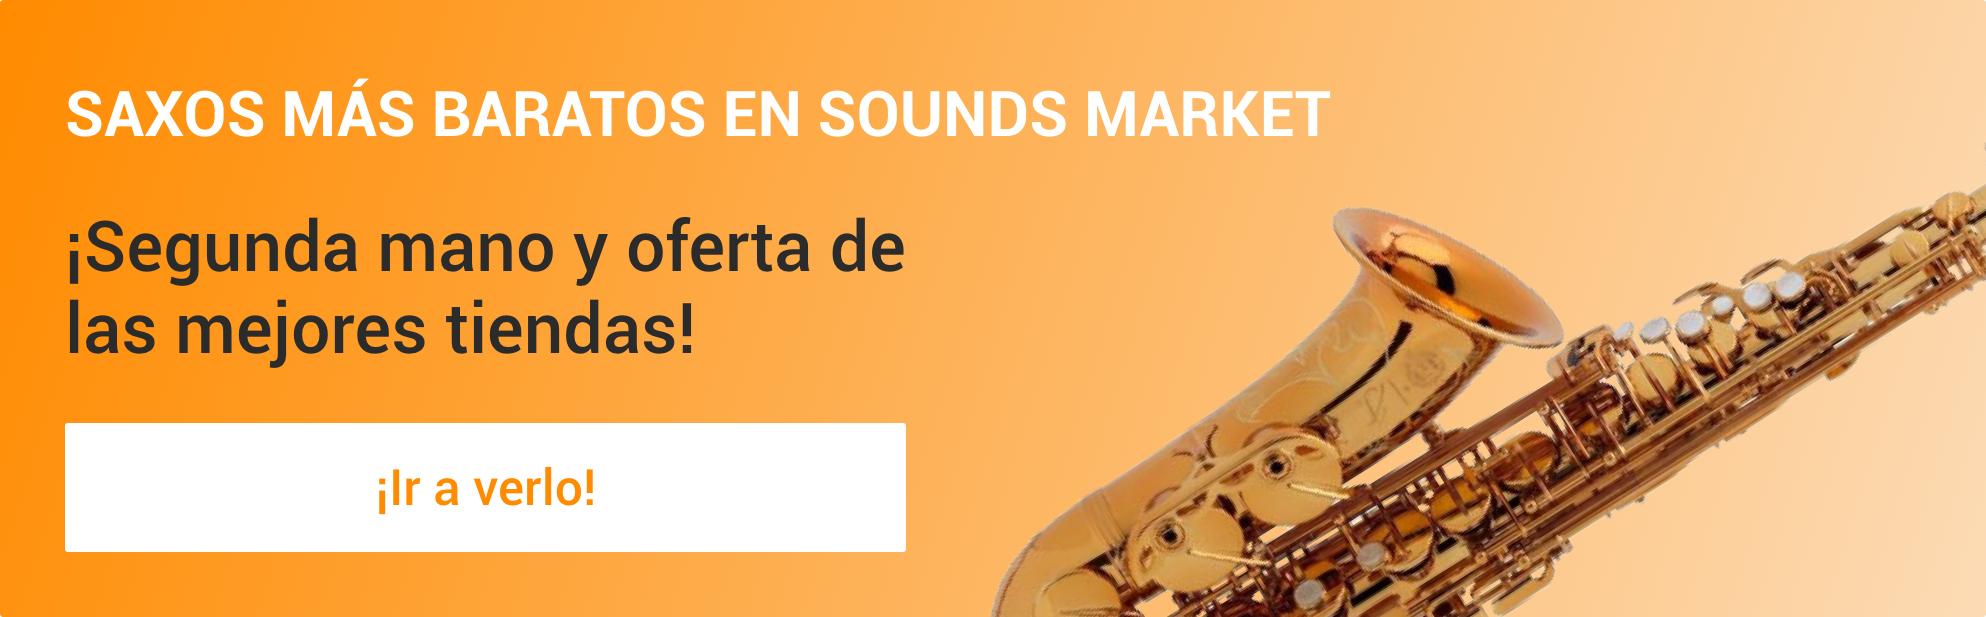 Saxos mas baratos en Sounds Market